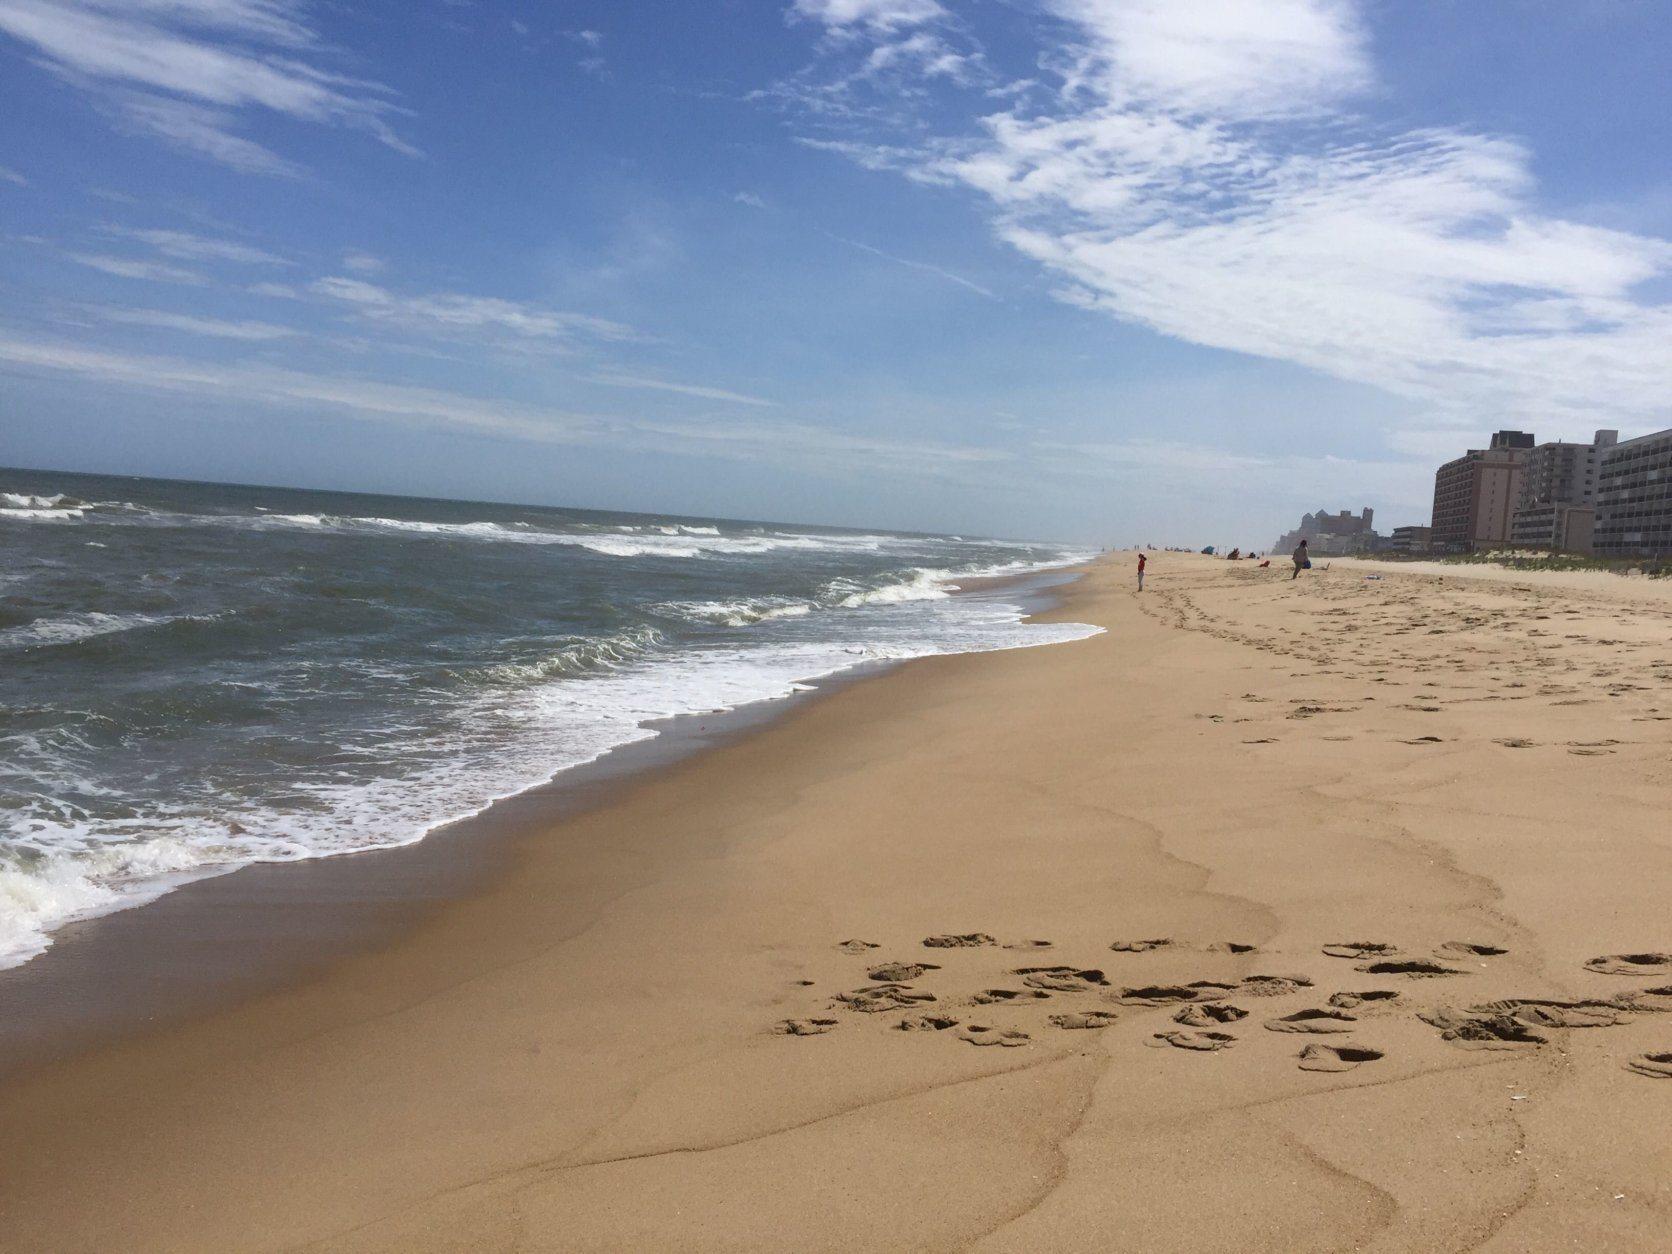 Ocean City boasts tremendous beaches. (WTOP/John Domen)